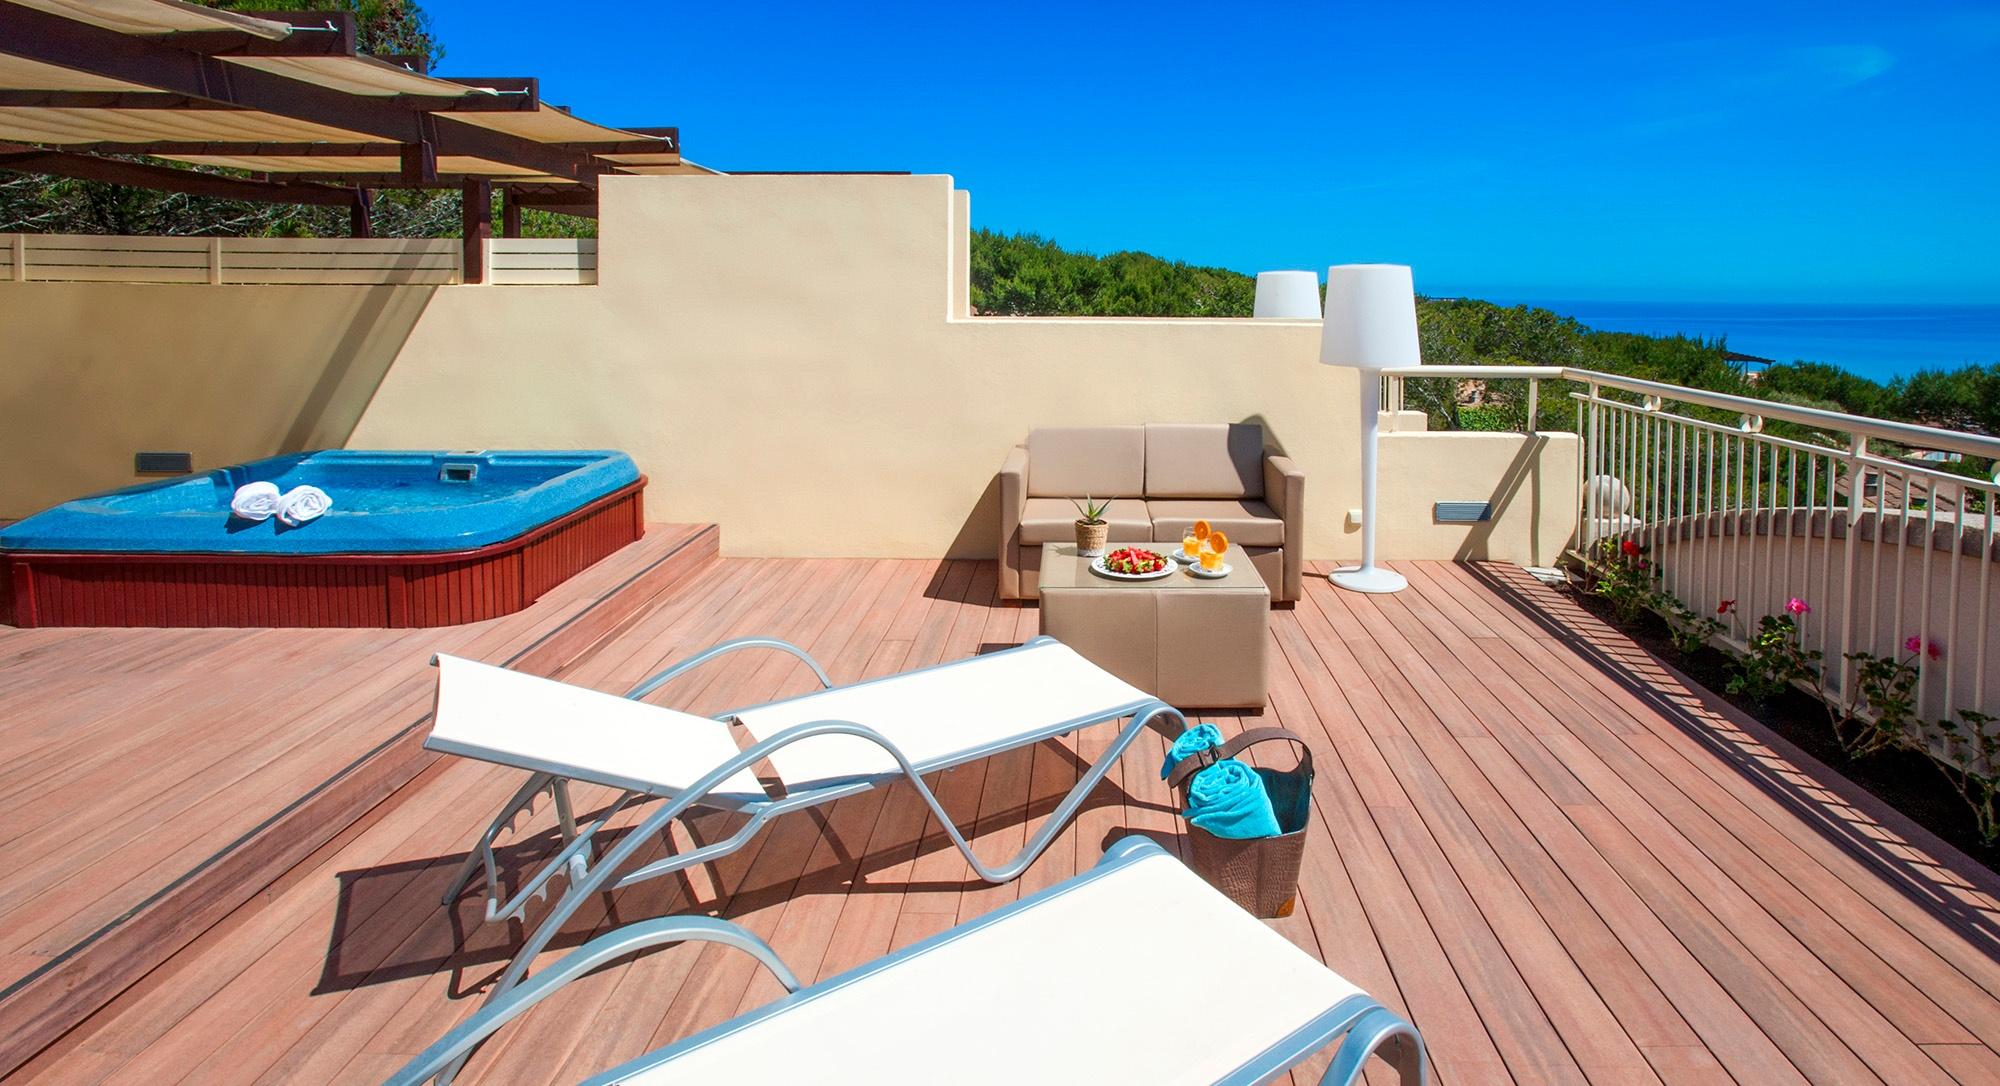 royal terrace vanity suite2.jpg